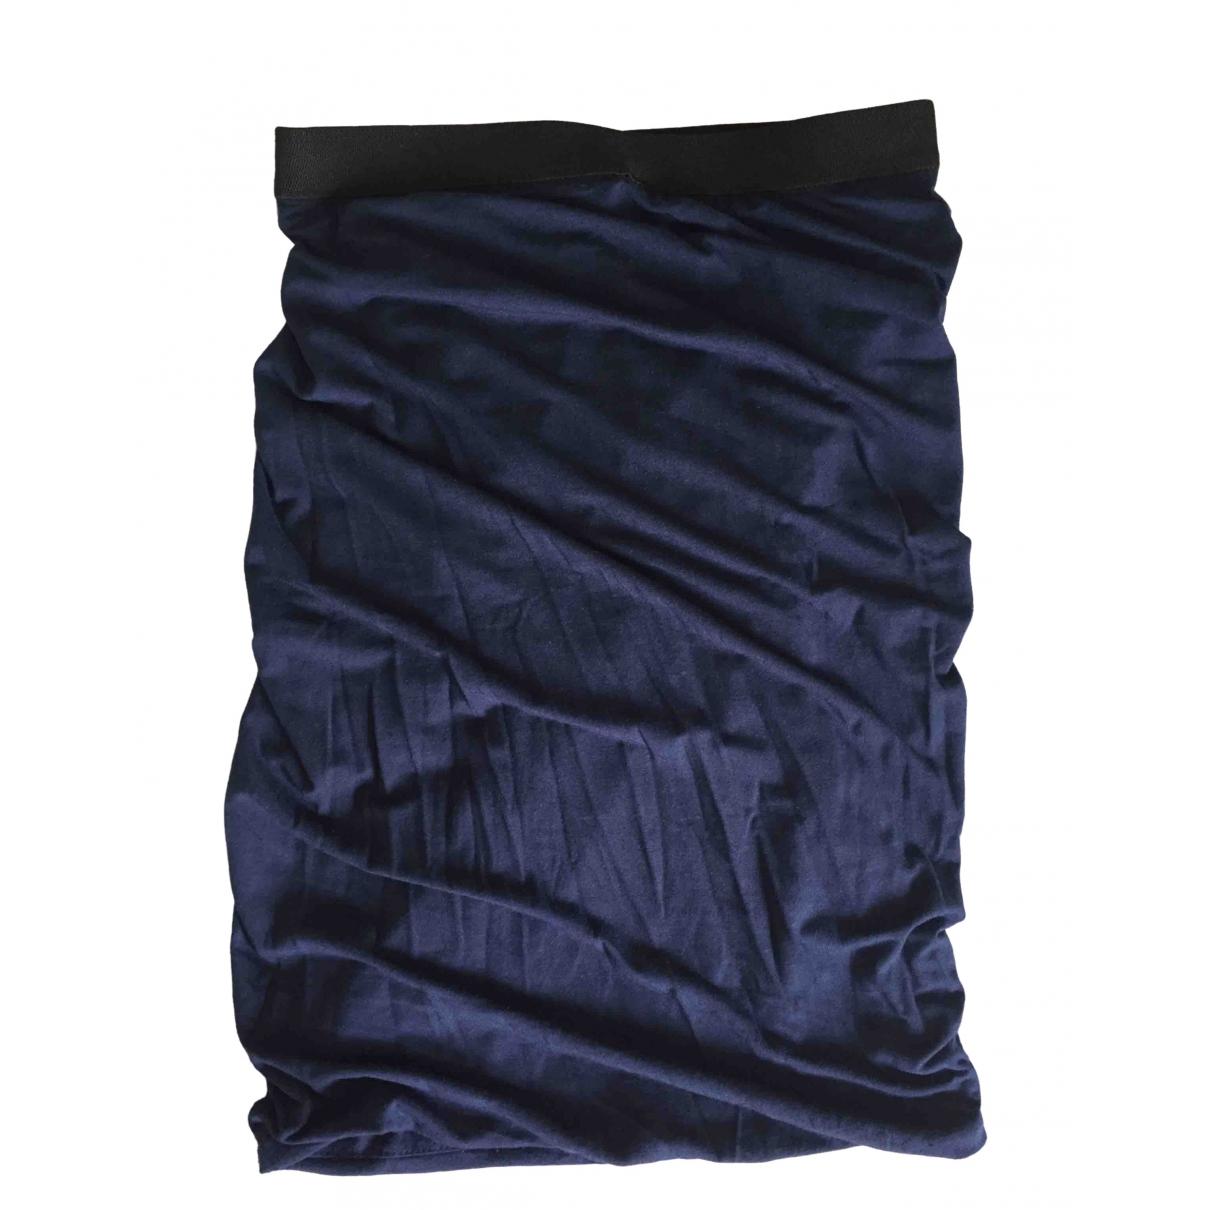 T By Alexander Wang \N Navy skirt for Women XS International